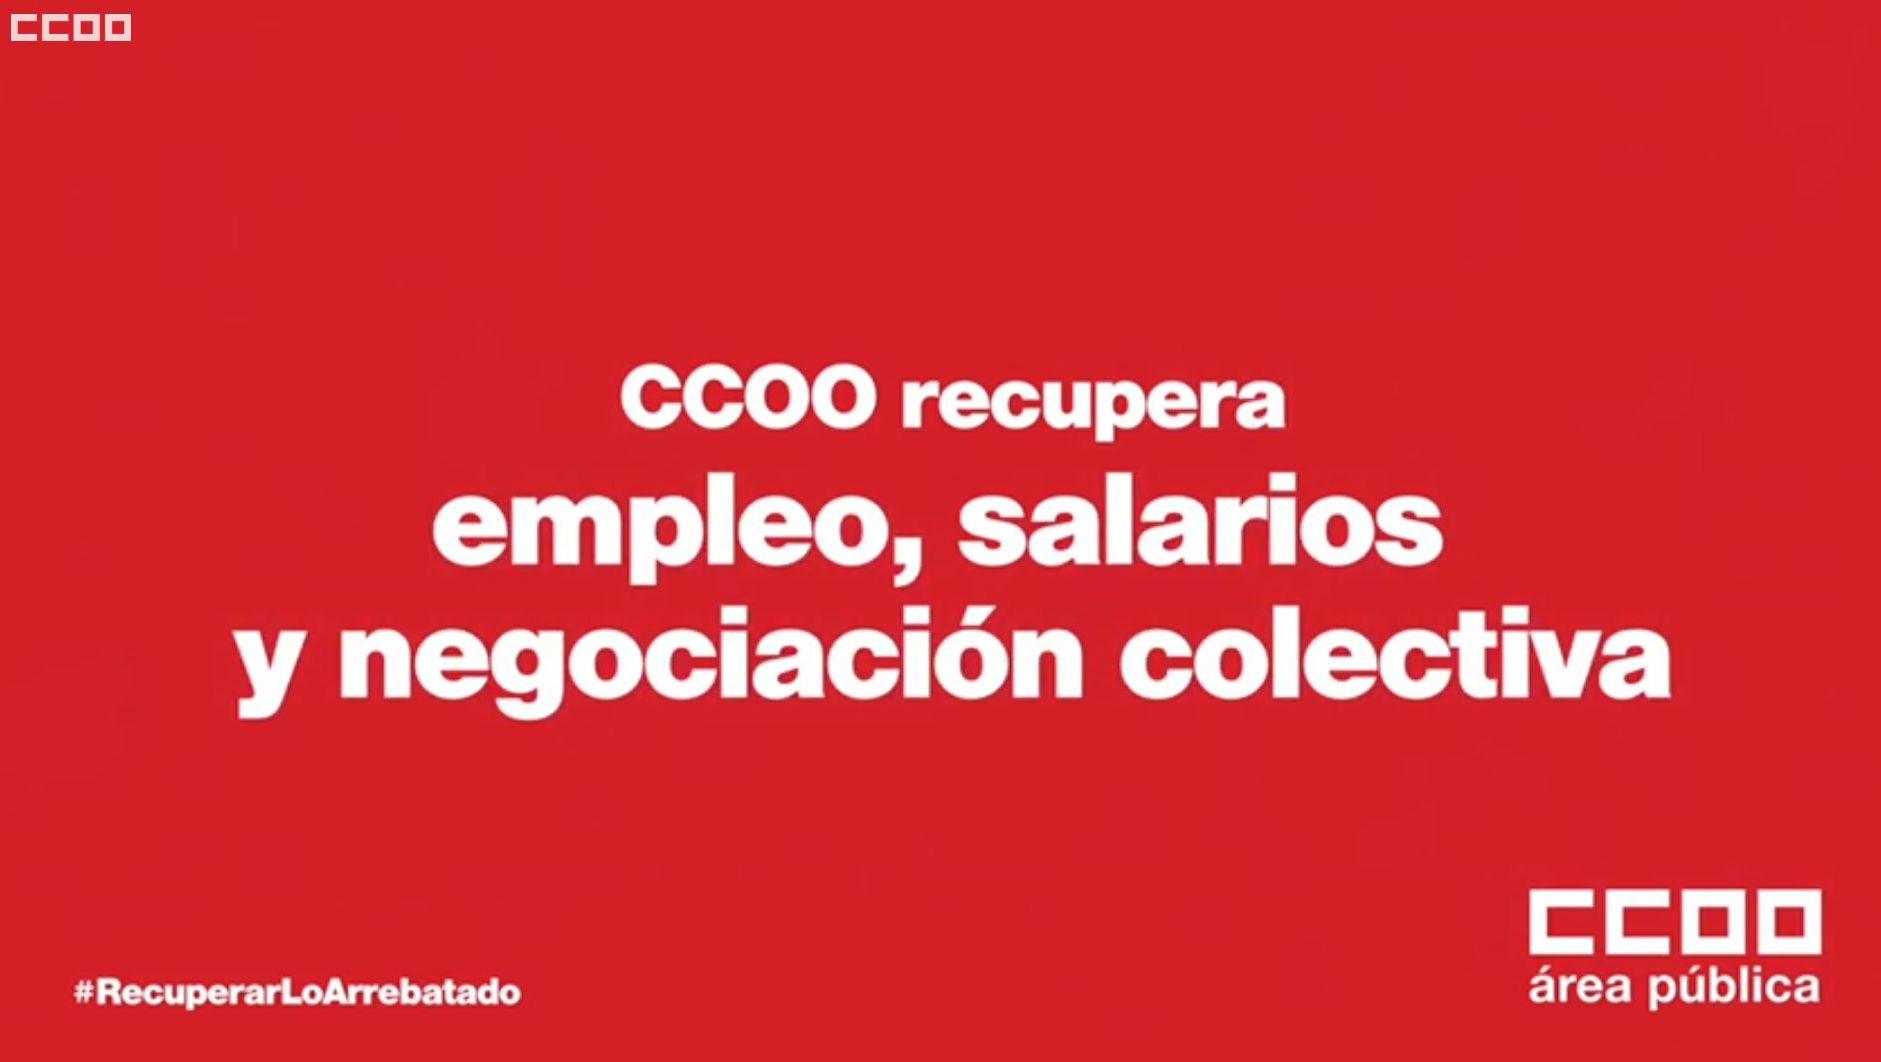 ccoo_recupera